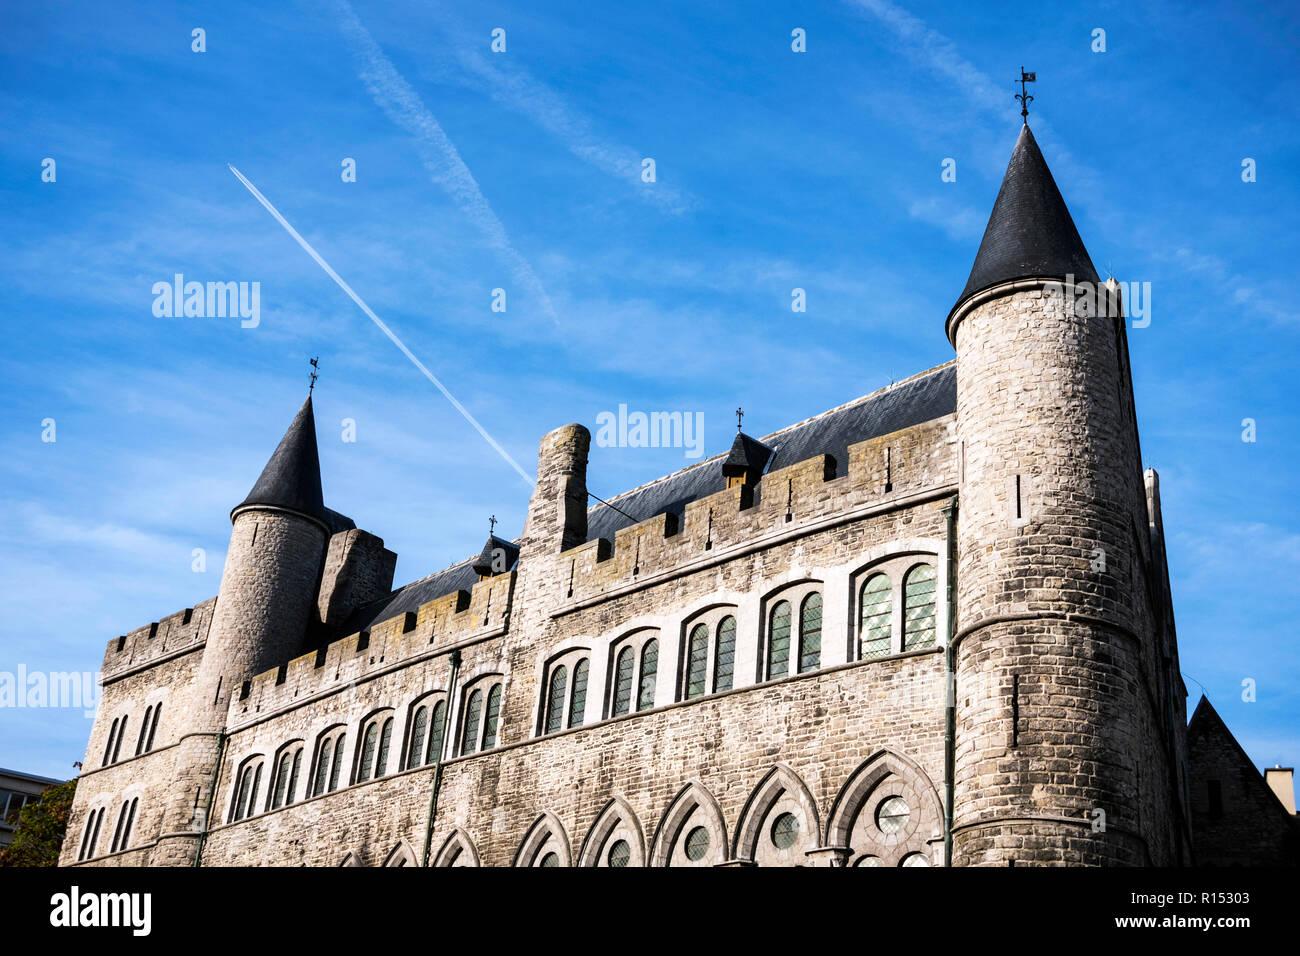 Geeraard de Duivelsteen, Ghent, Belgium - Stock Image